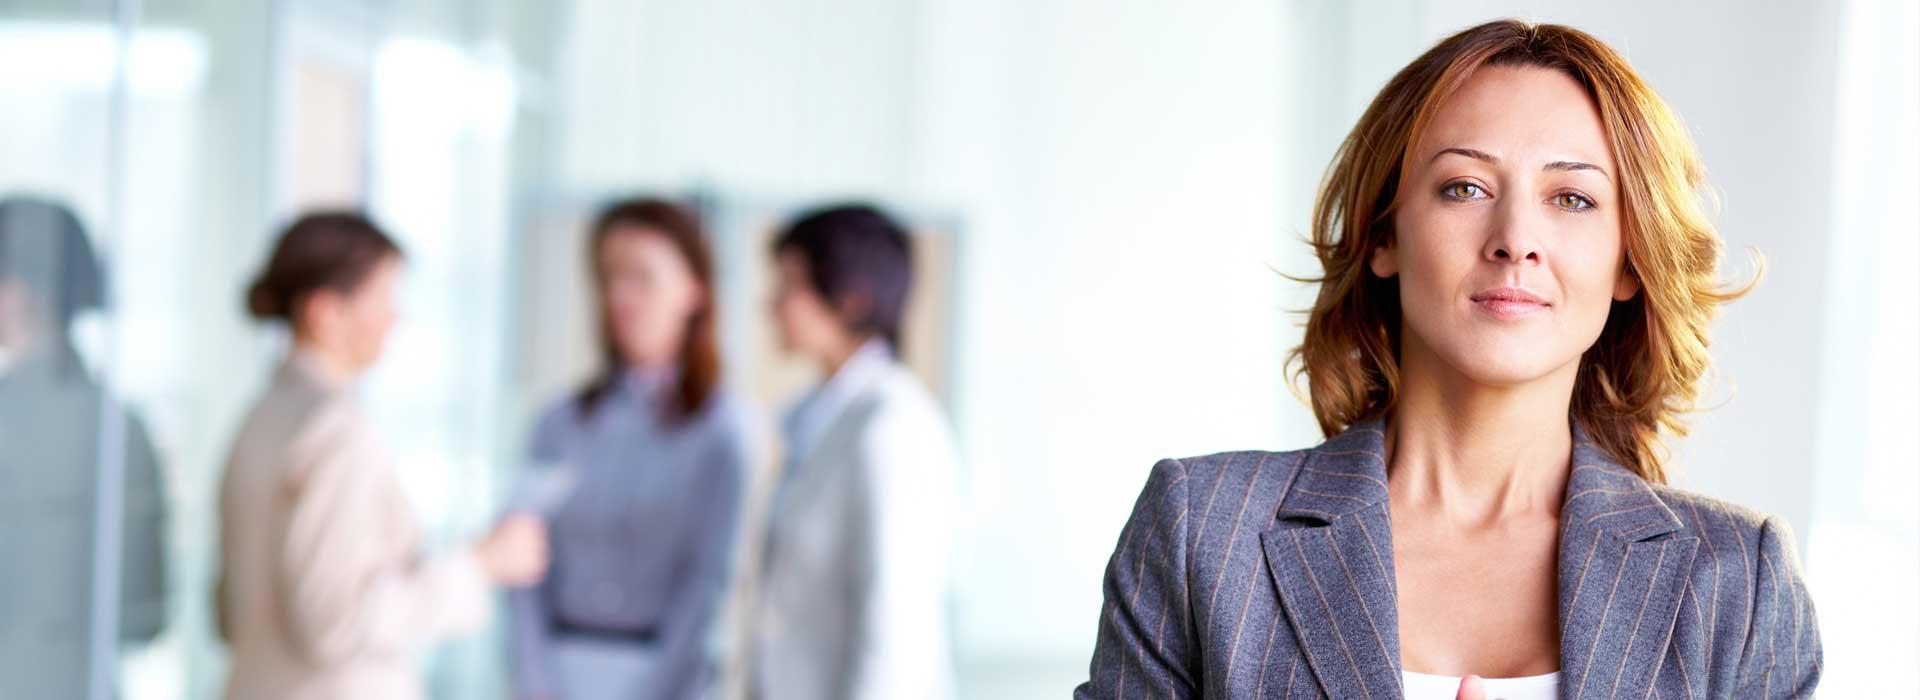 Бизнес для женщины после 40 лет